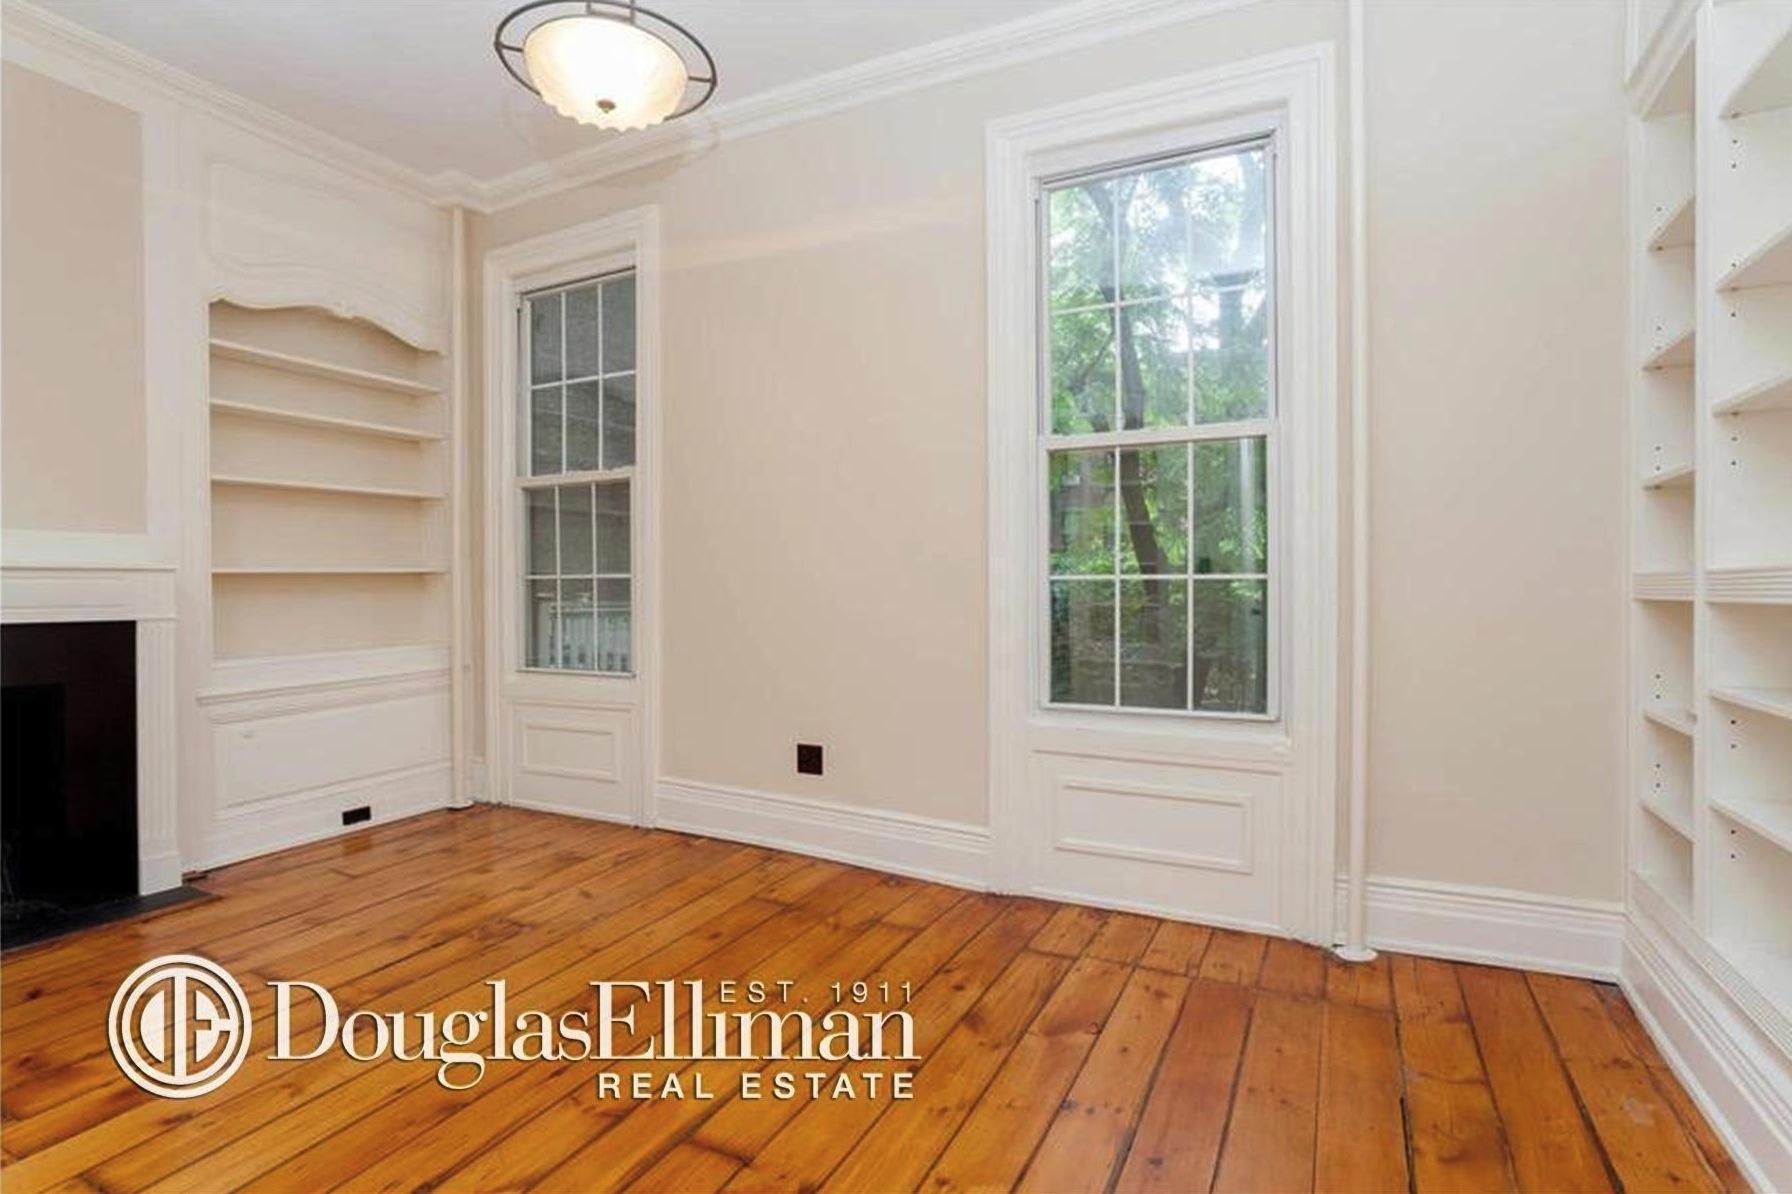 312 east 53rd Street, bedroom